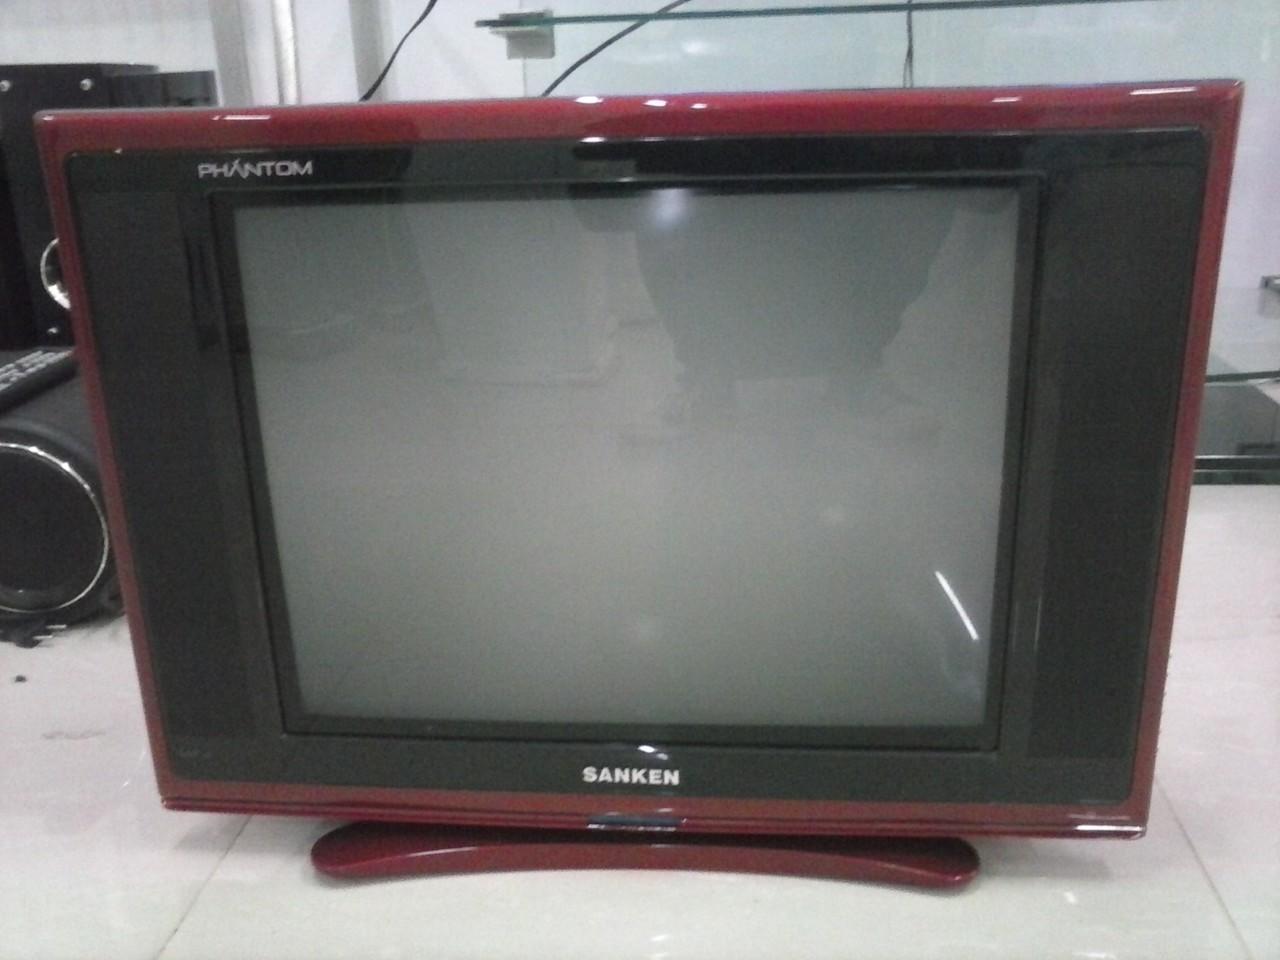 Daftar Kode Remot Tv Sanken Tabung dan LED